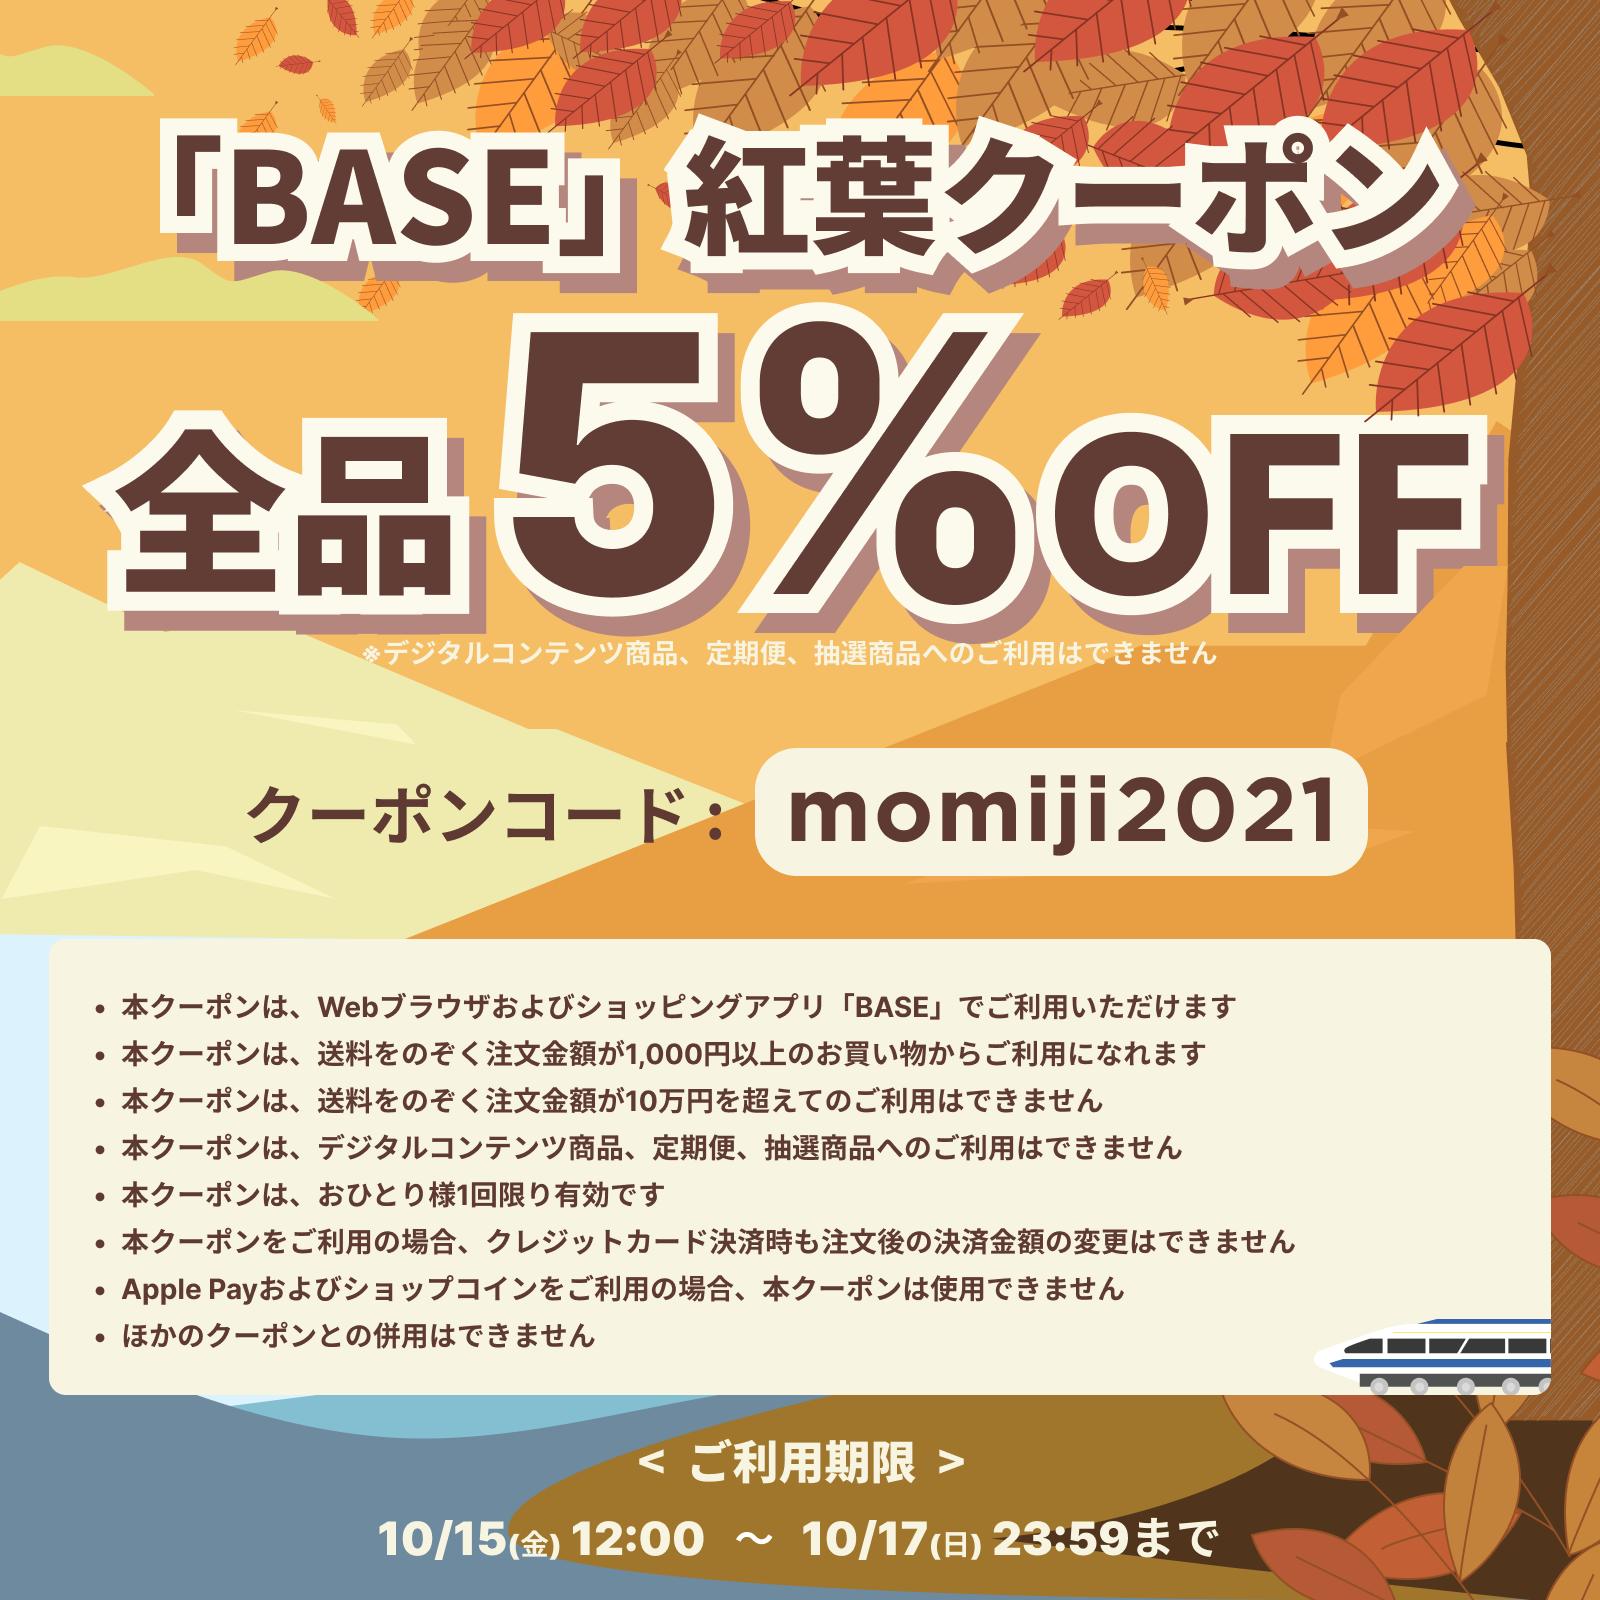 10月15日(金)〜17日(日)の期間で使える5%OFFクーポン